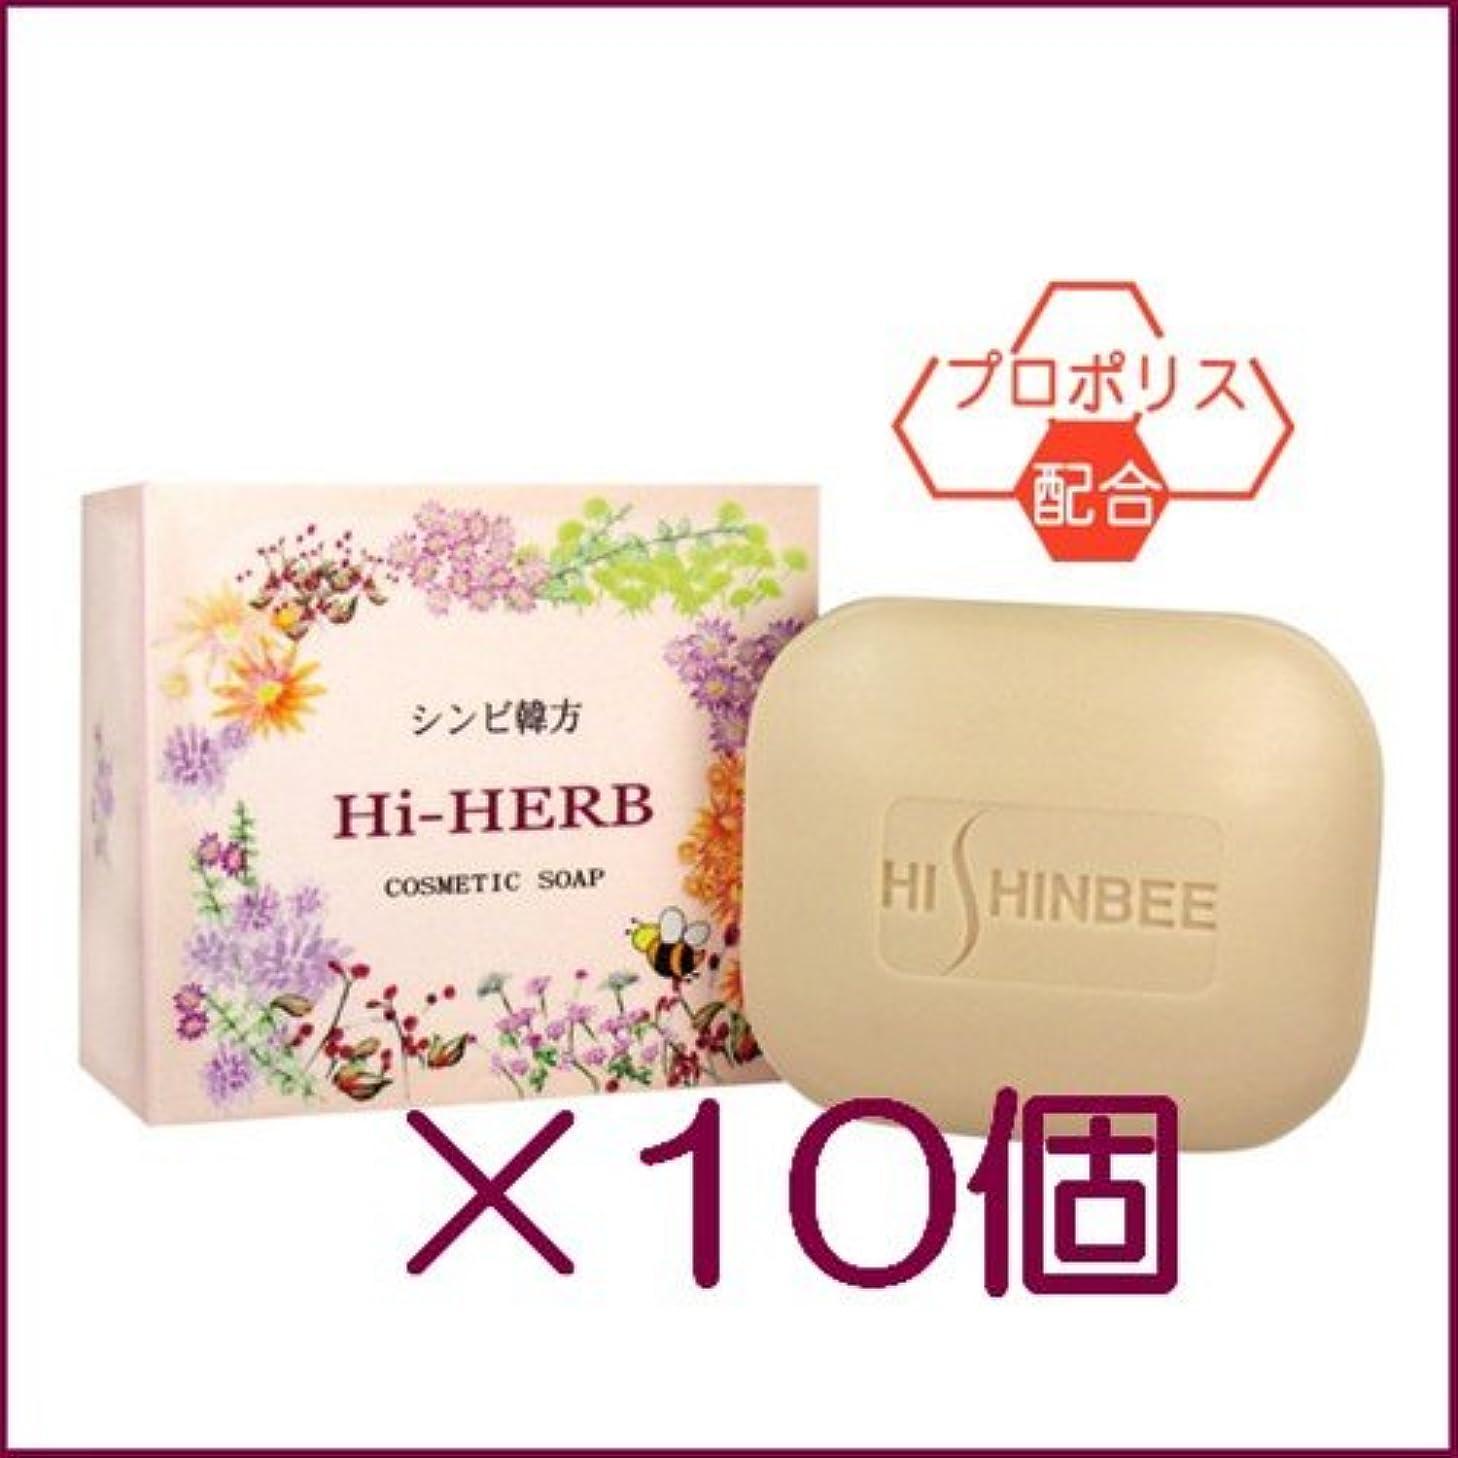 こどもの宮殿眠るアクロバットシンビ 韓方ハイハーブ石鹸 100g ×10個